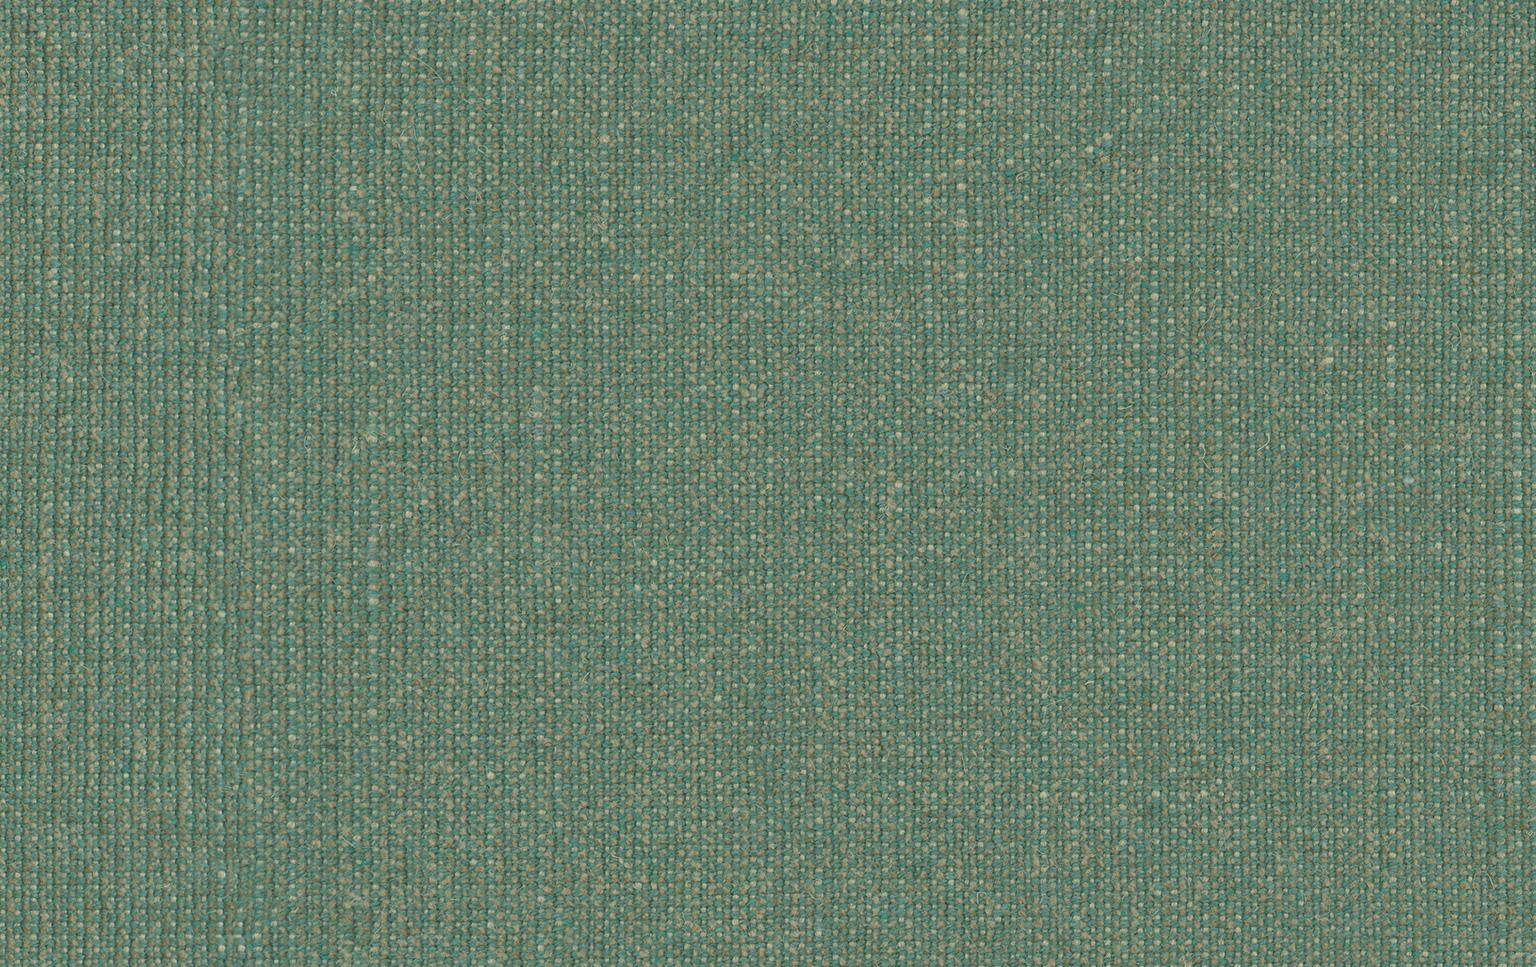 freistil Stoffmuster 6021 pastelltürkis